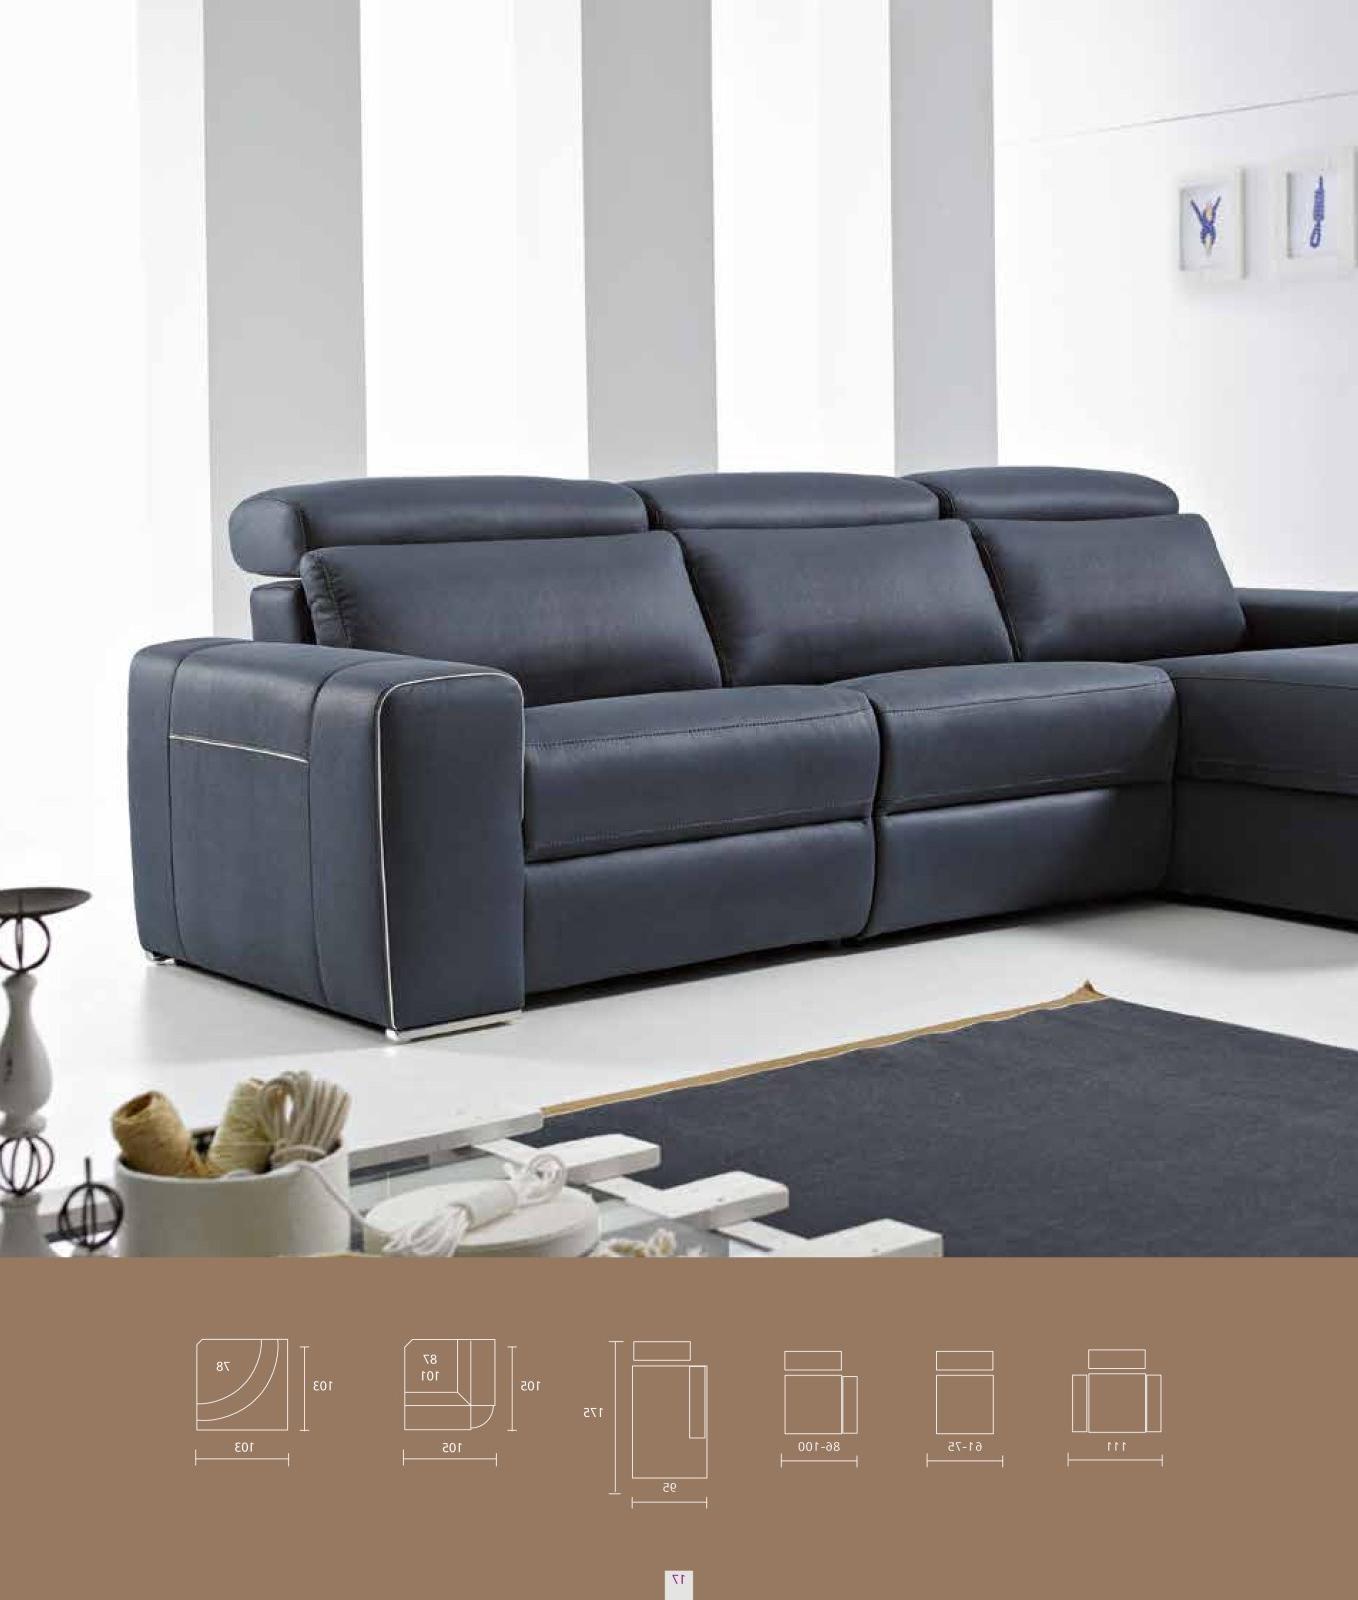 Centro Comercial Del Mueble 9ddf Ercial Del Mueble Centro Ercial Del Mueble La orotava